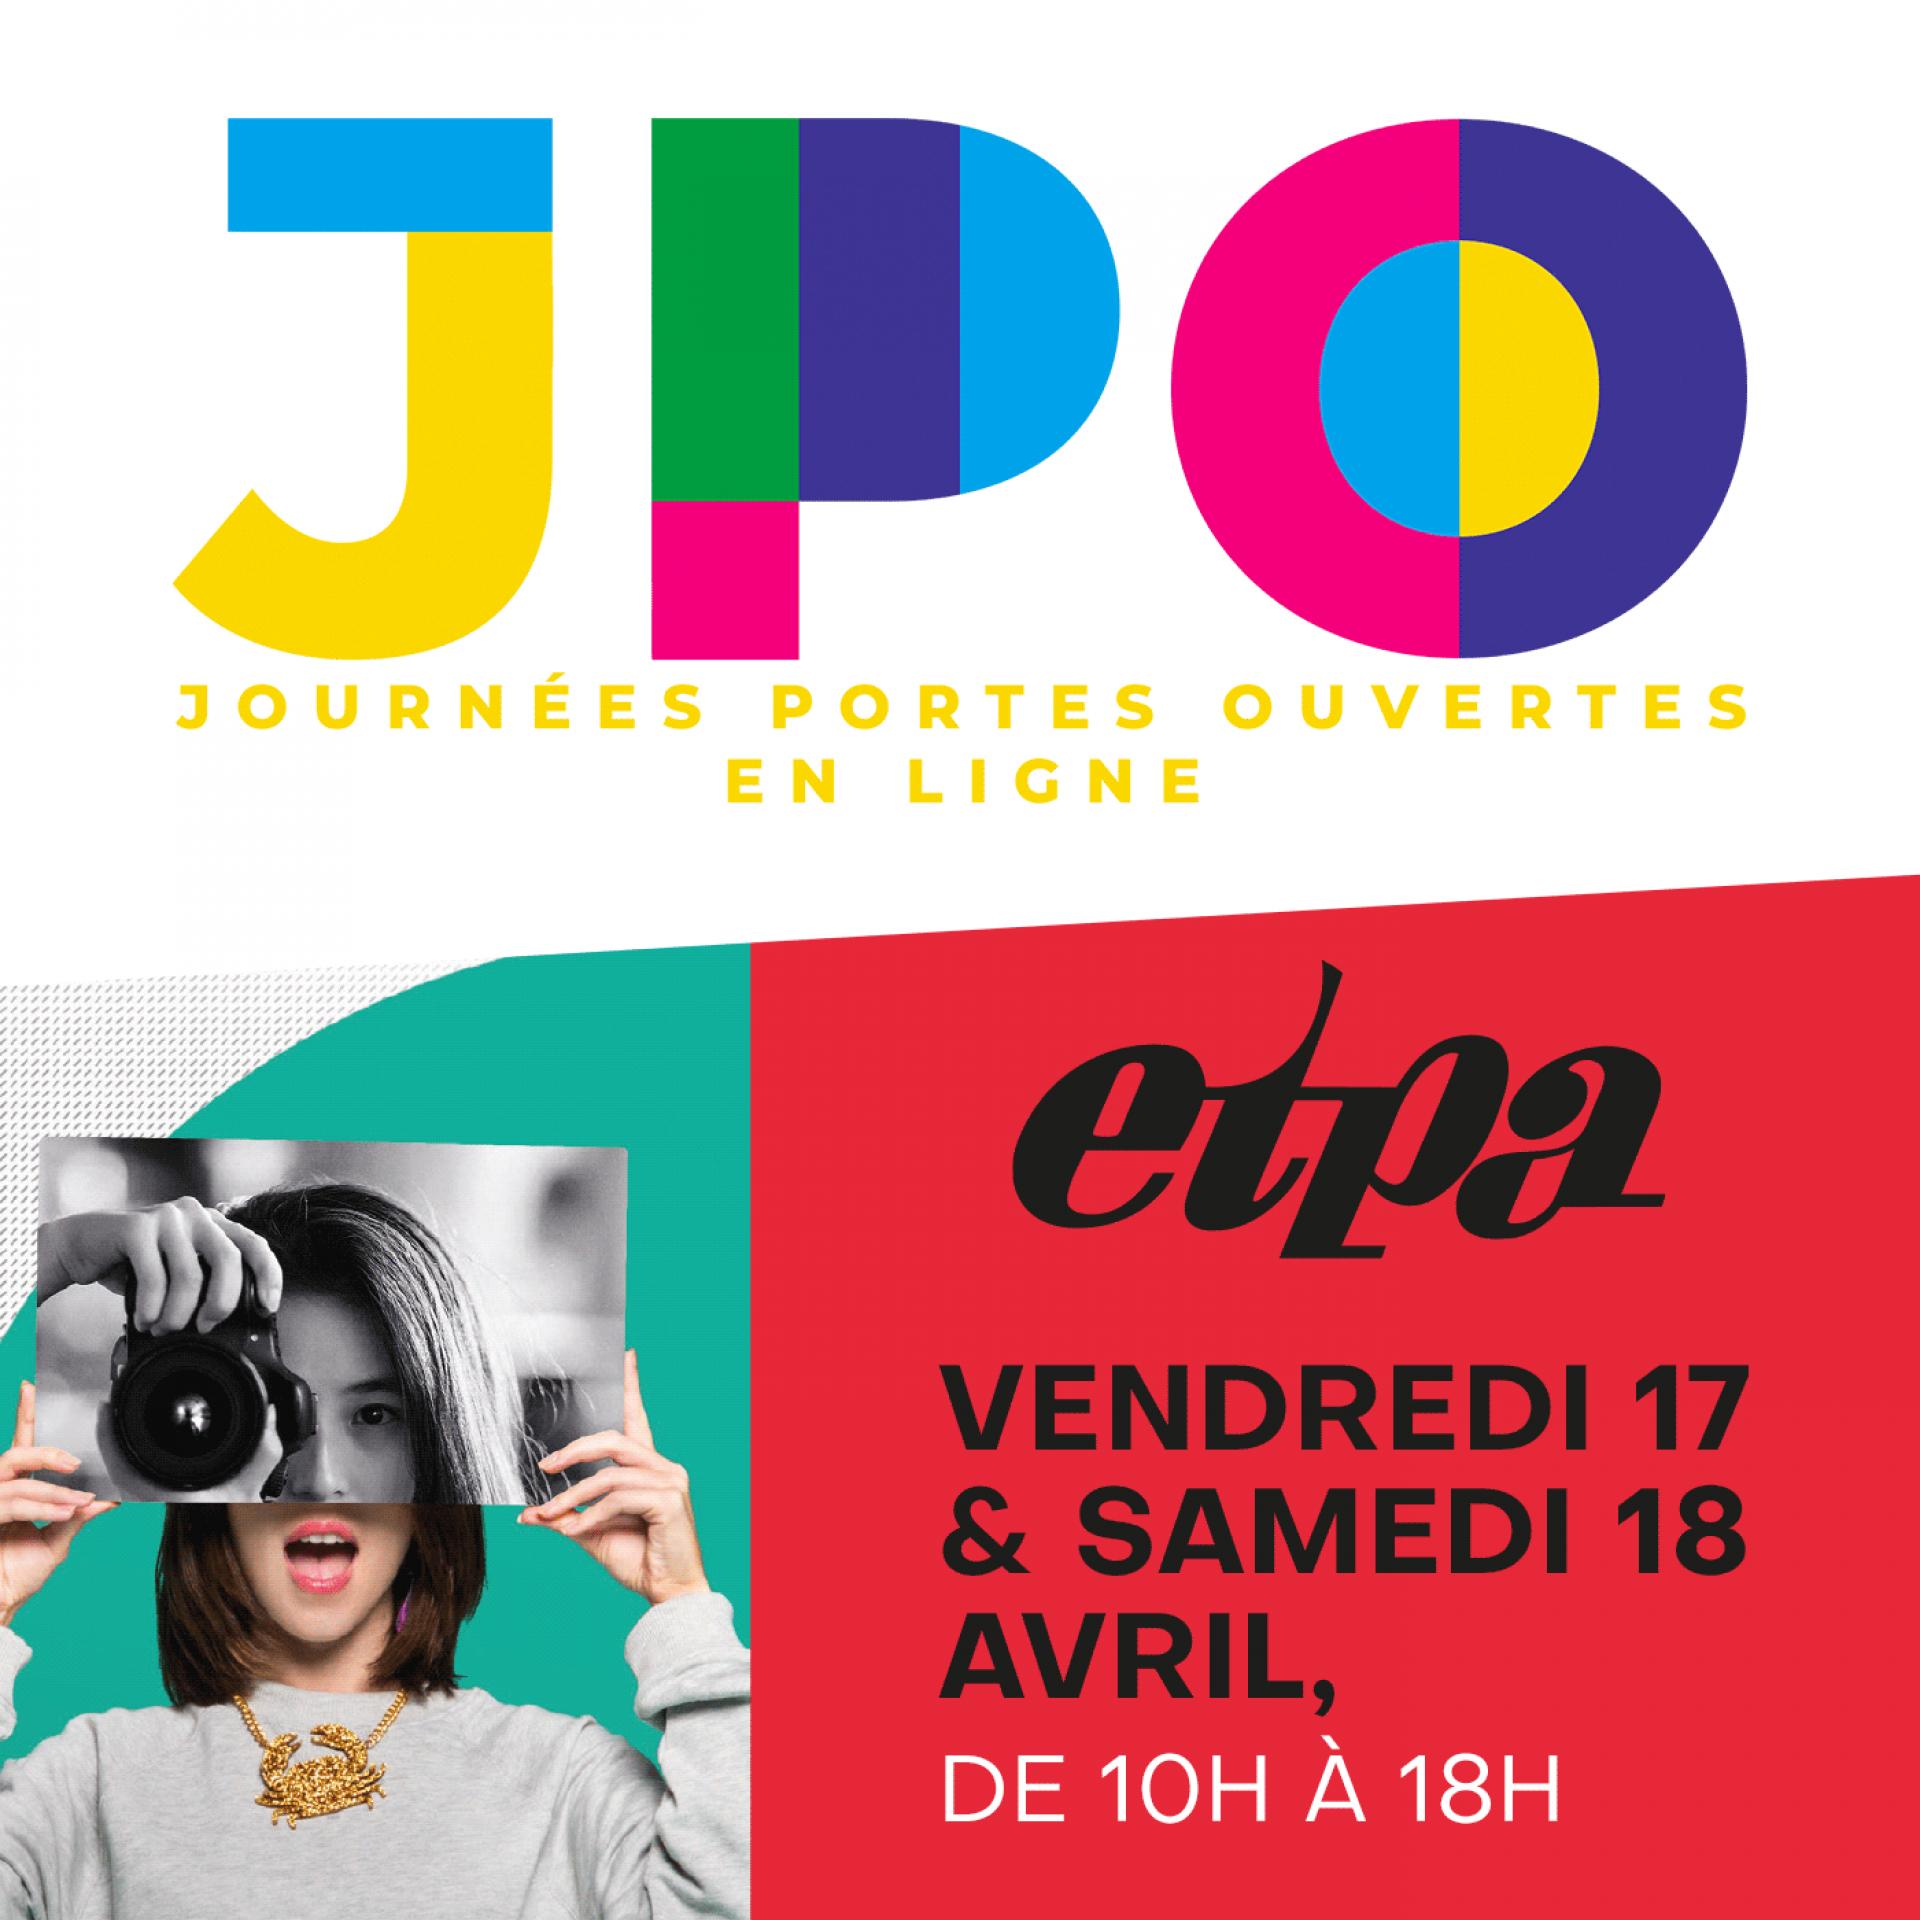 display-etpa-jpo-online-1400x1400.png